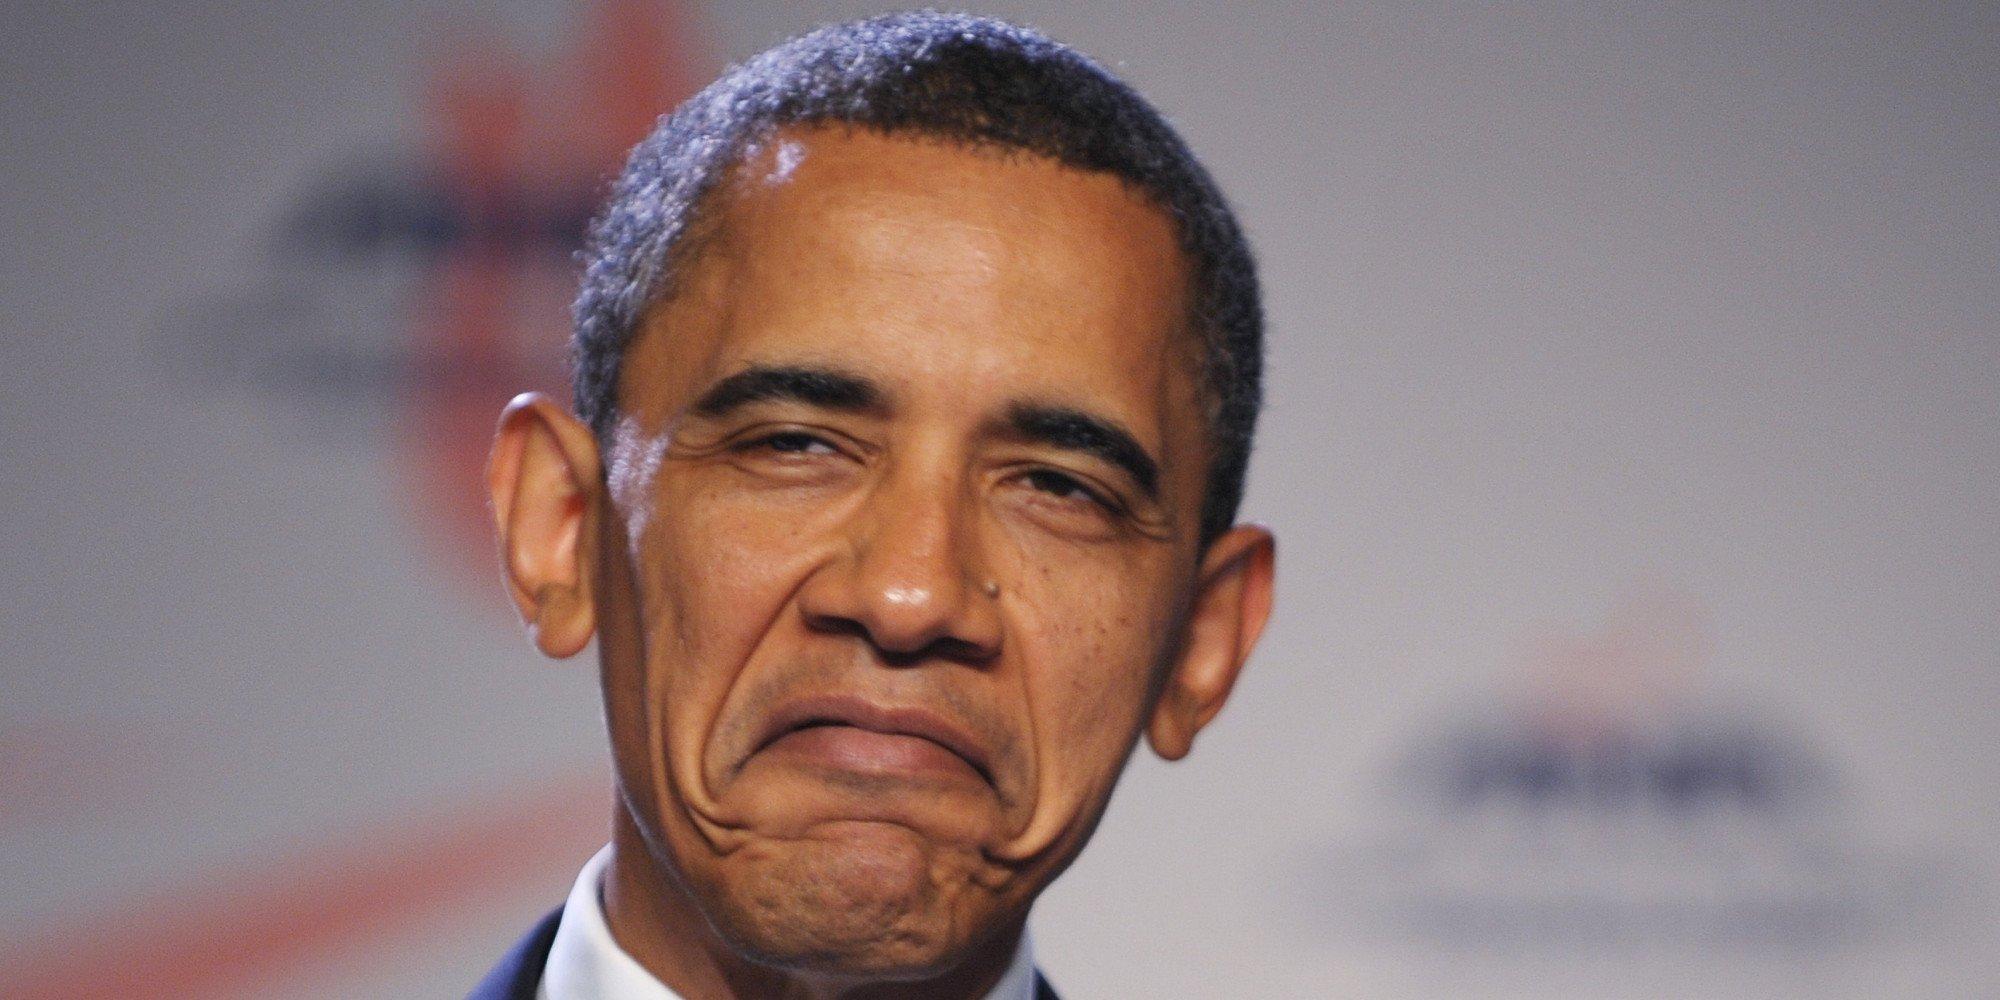 """Obama se chotea de Trump: """"El que no puede utilizar su Twitter tampoco debe usar códigos nucleares"""""""